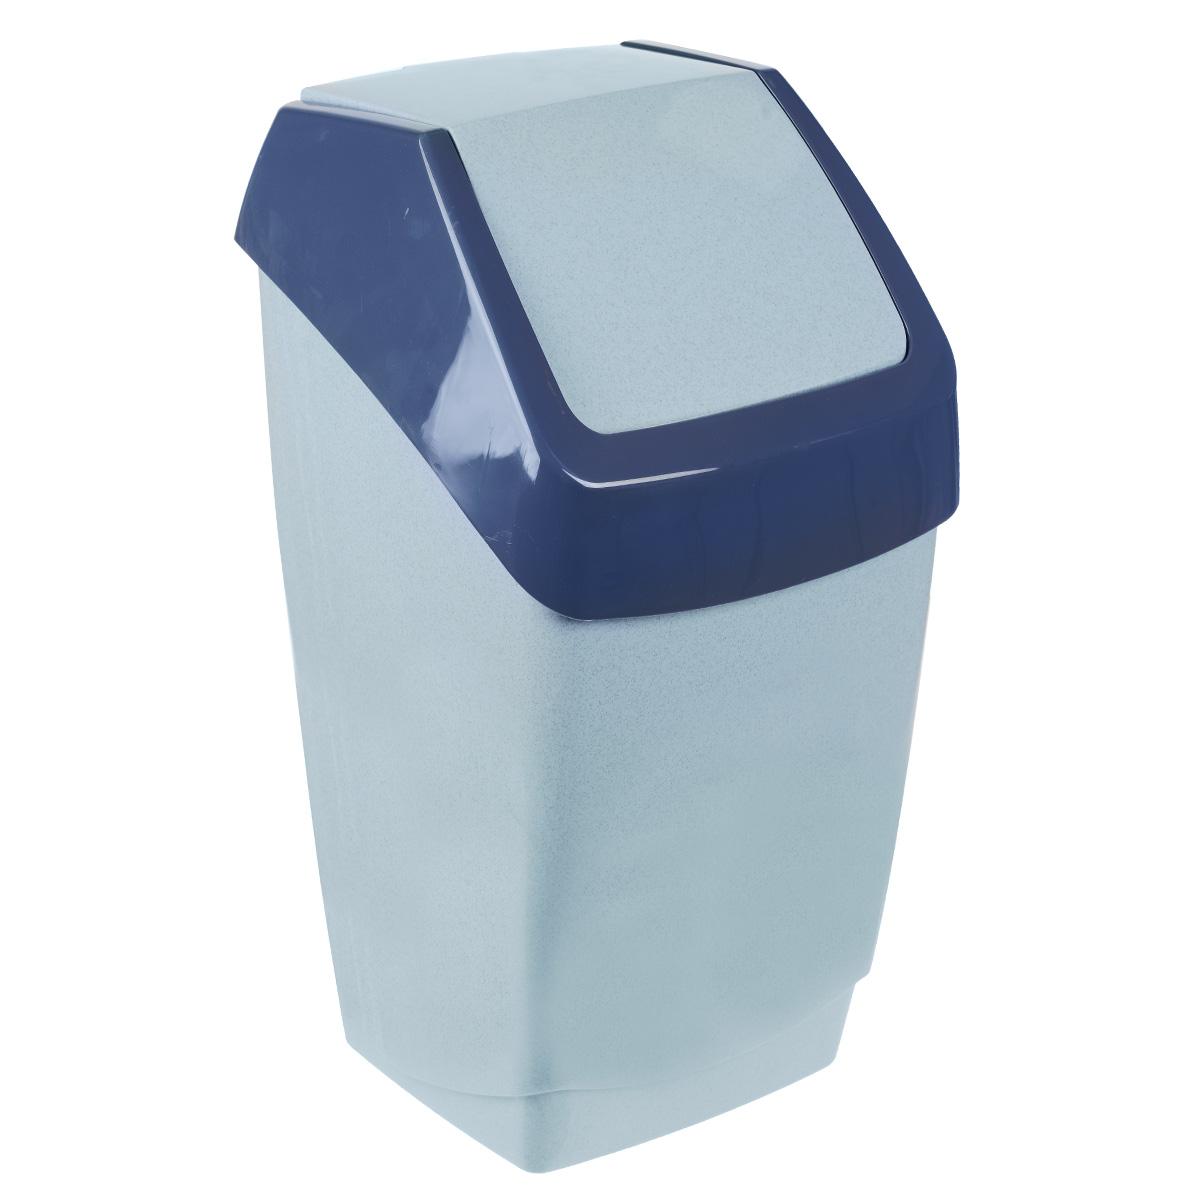 Контейнер для мусора Idea Хапс, цвет: голубой мрамор, 25 лRG-D31SКонтейнер для мусора Idea Хапс изготовлен из прочного полипропилена (пластика). Контейнер снабжен удобной съемной крышкой с подвижной перегородкой. Благодаря лаконичному дизайну такой контейнер идеально впишется в интерьер и дома, и офиса.